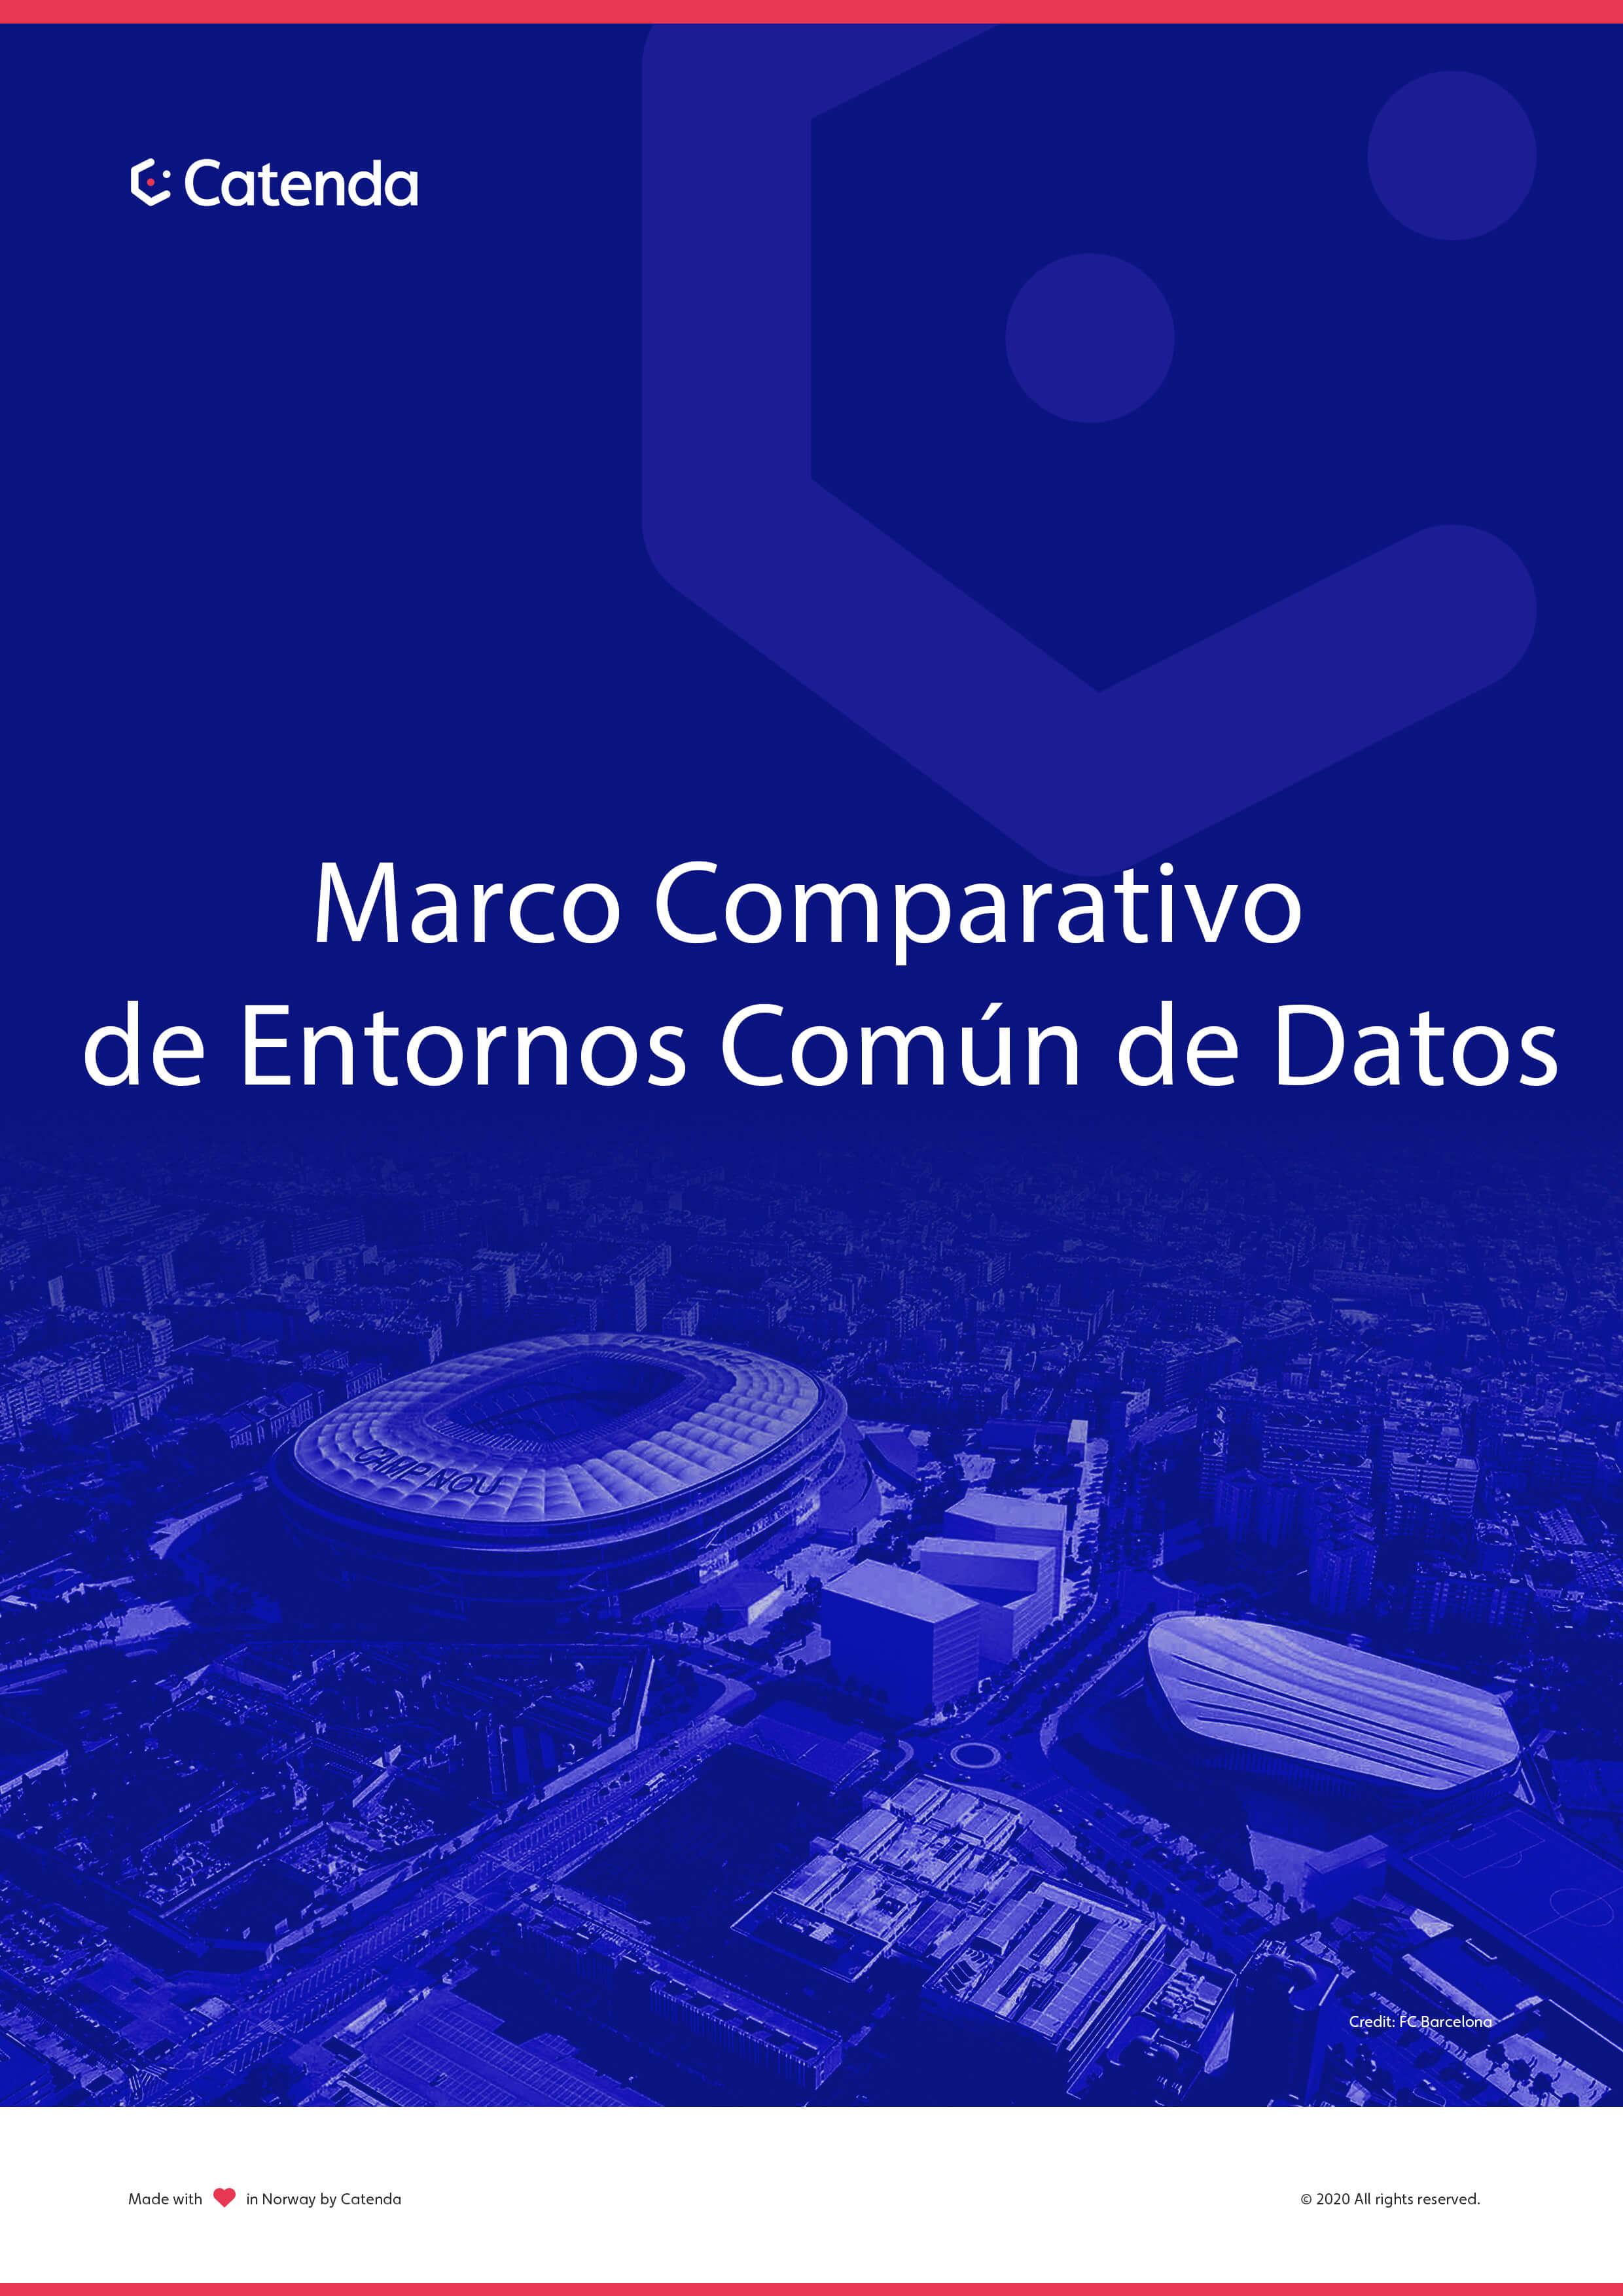 Marco Comparativo de Entornos Común de Datos